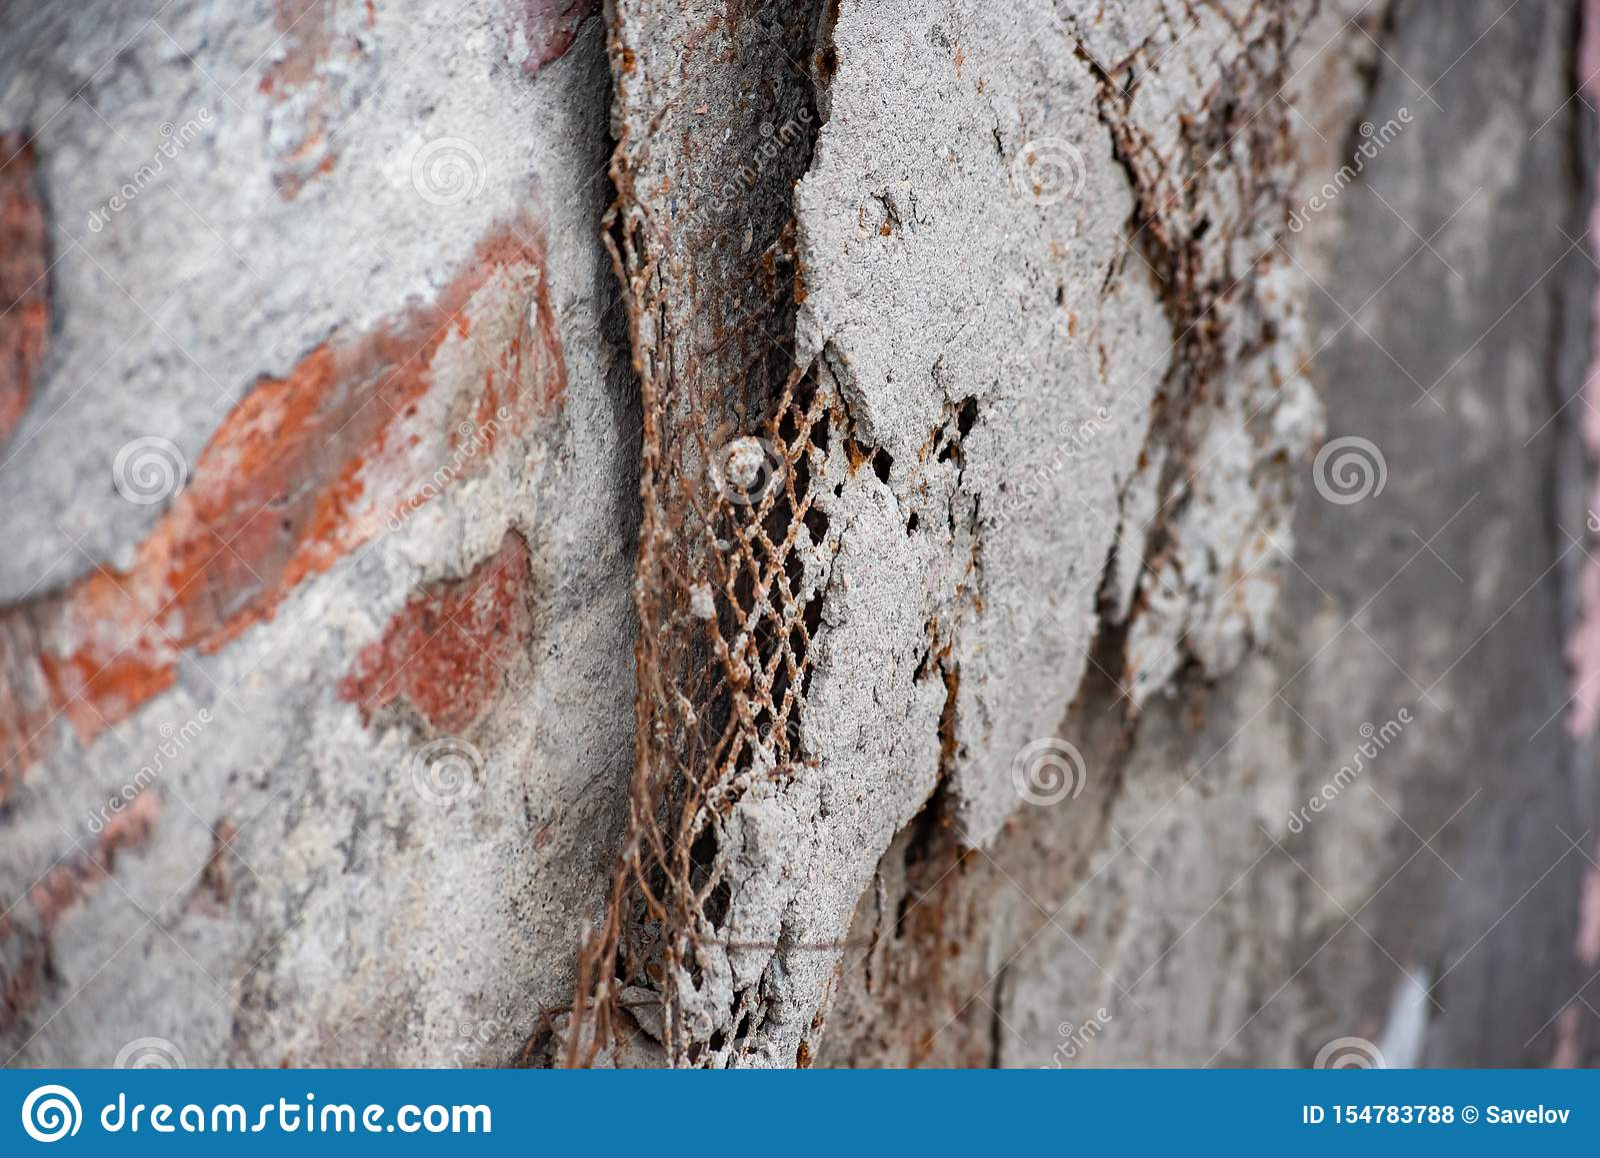 Χαλασμένο ενισχυμένο δικτυωτό πλέγμα στον τοίχο